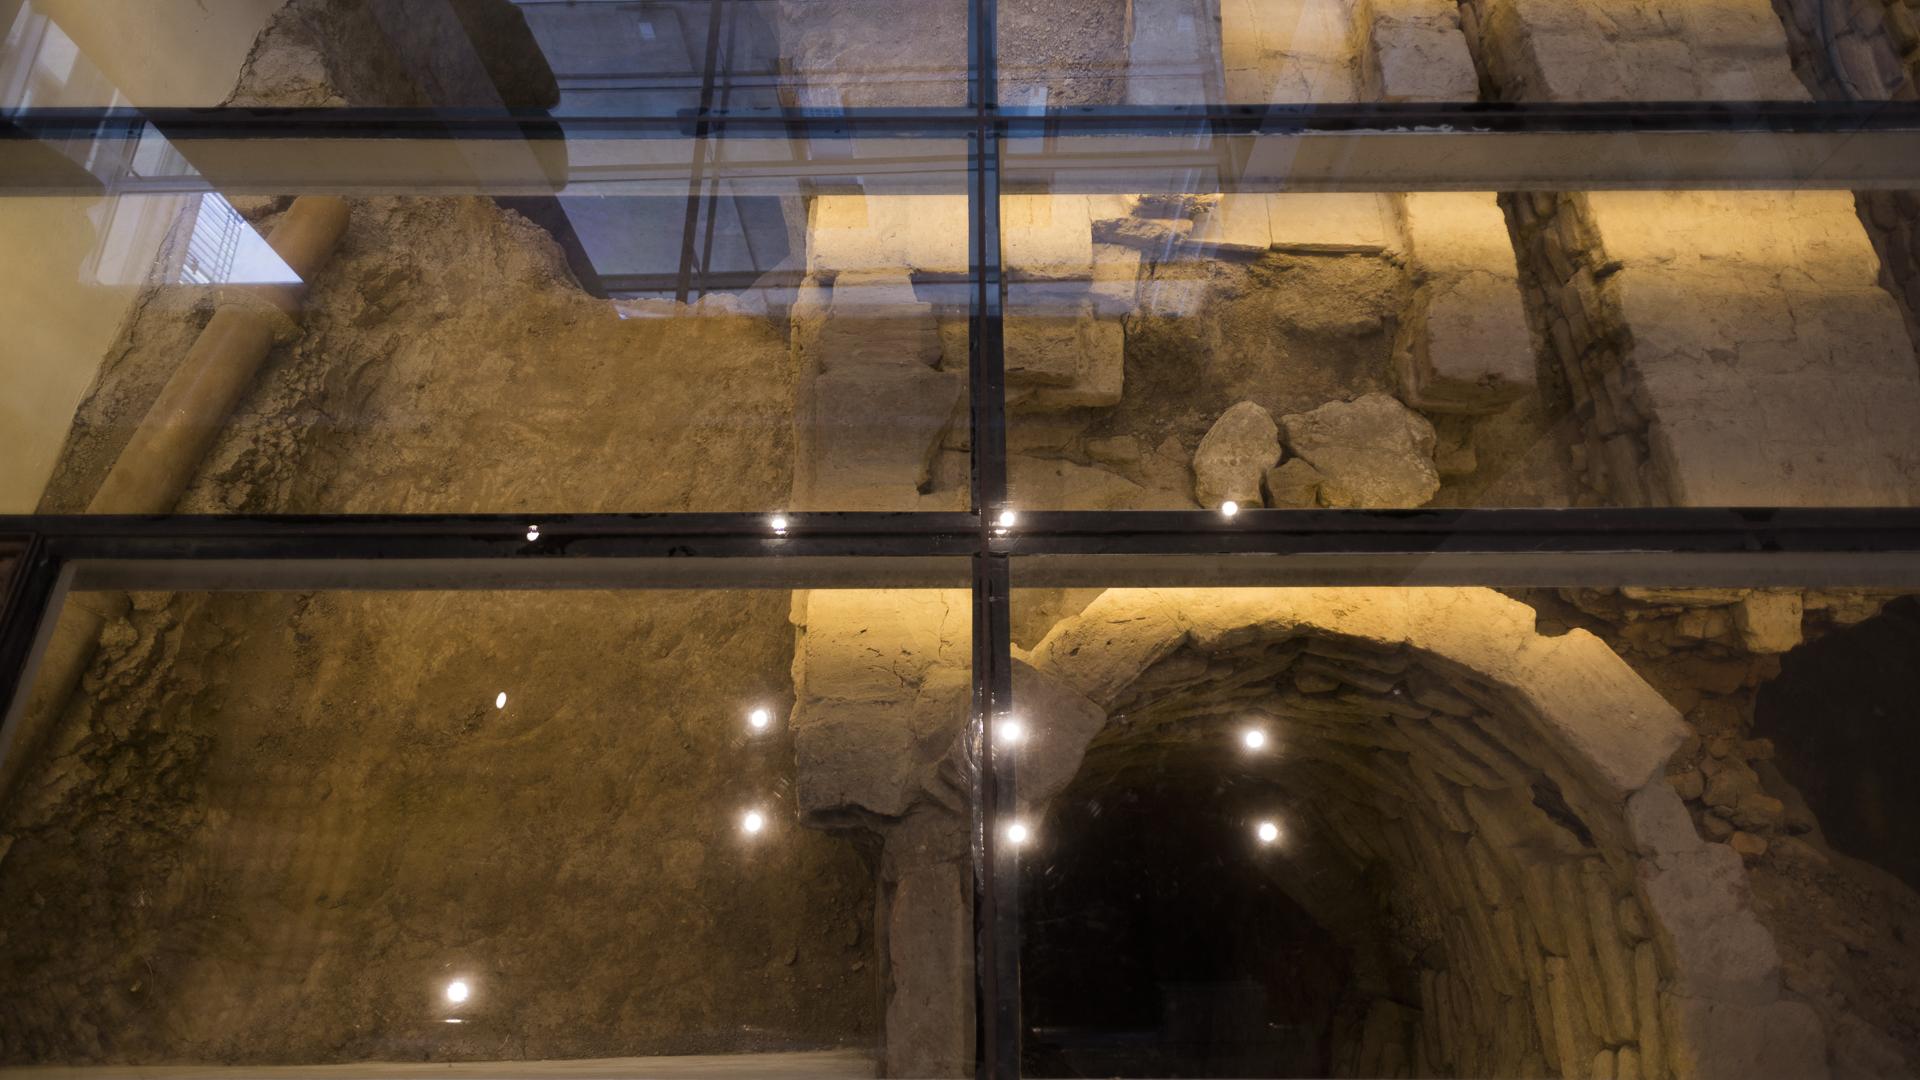 Durante su recuperación se hizo un hallazgo arqueológico que obligó a reformular la totalidad del proyecto, incorporando un piso transparente que permite observar en el subsuelo el sitio del hallazgo y los elementos encontrados